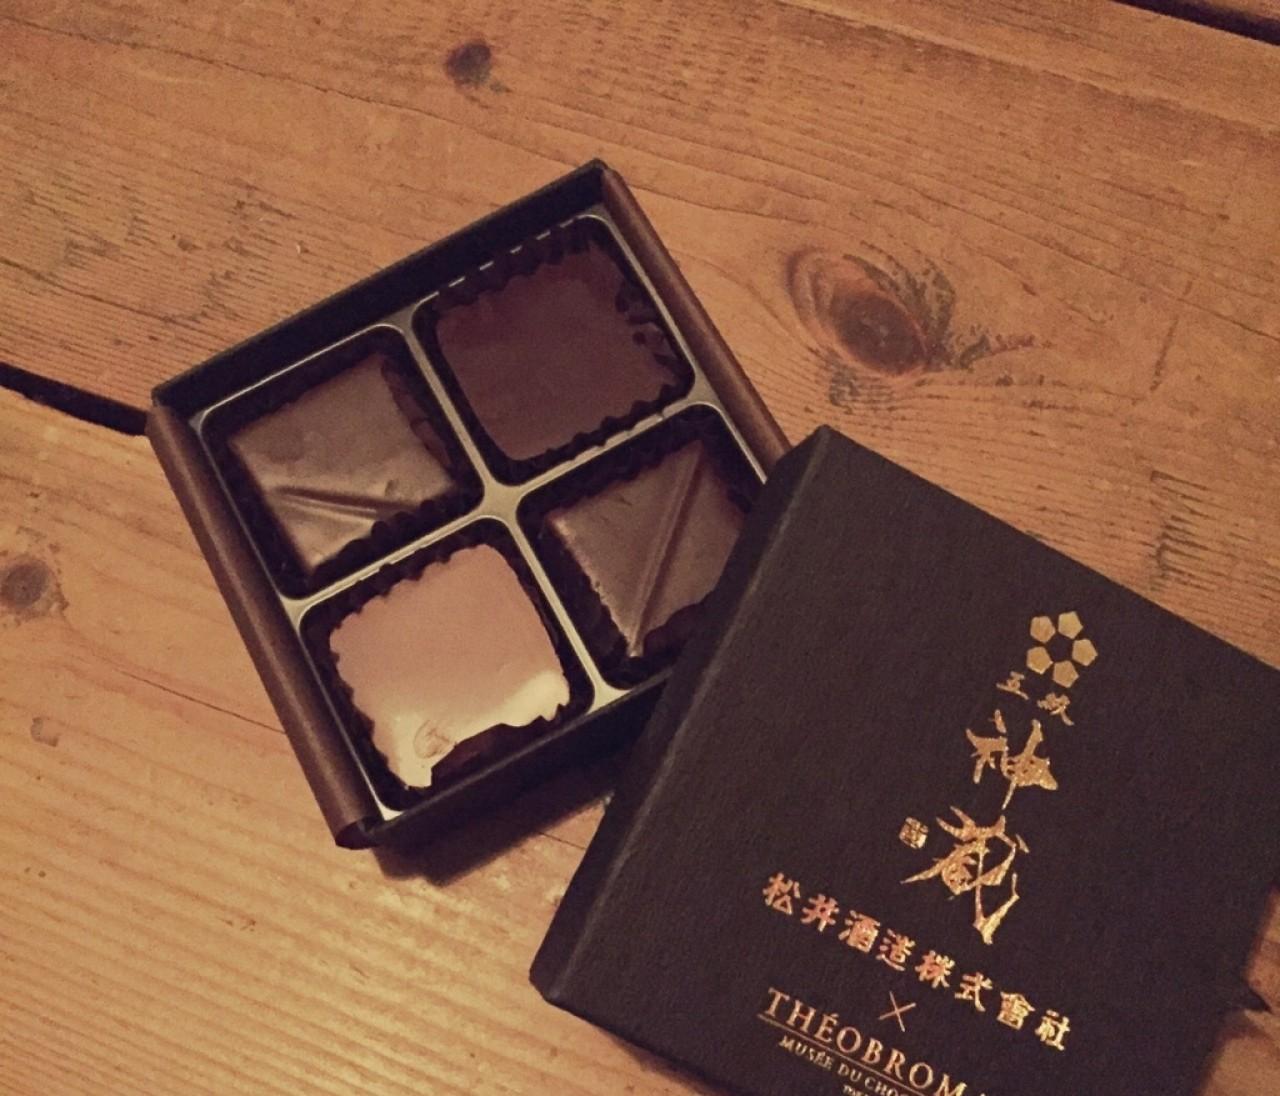 京都の銘酒とマリアージュ。テオブロマのショコラ